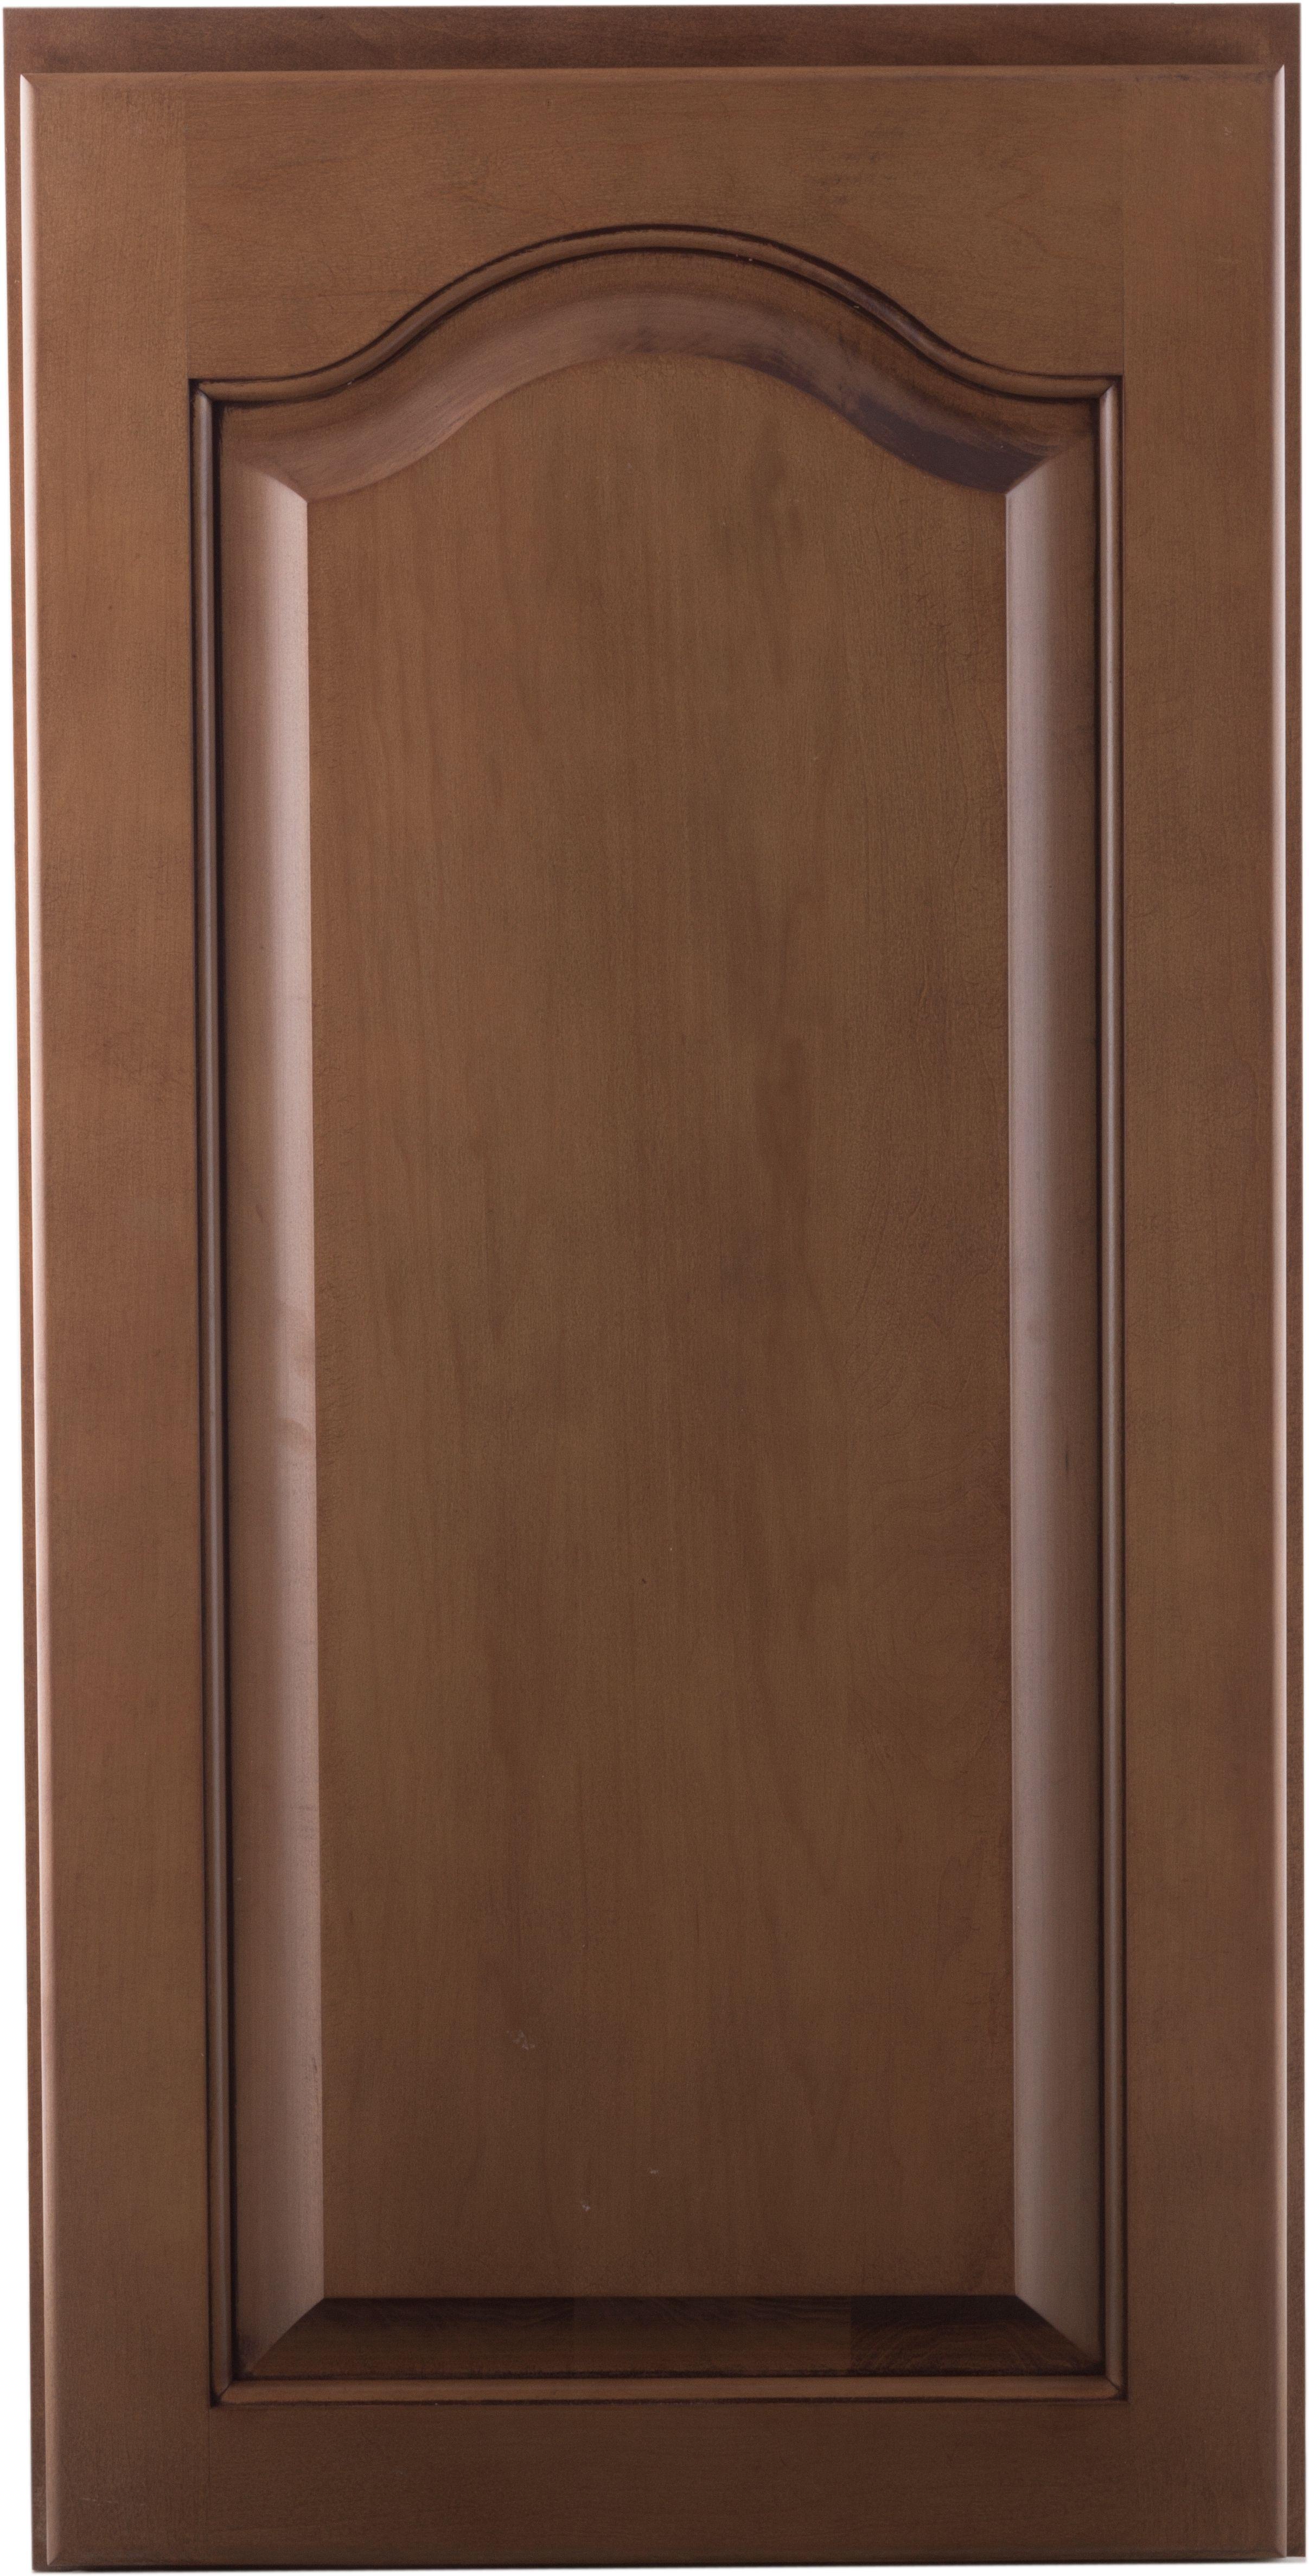 Crown Cabinets Vintage Cathedral Maple Mushroom Brown Glaze Wooden Main Door Design Wooden Doors Interior Door Design